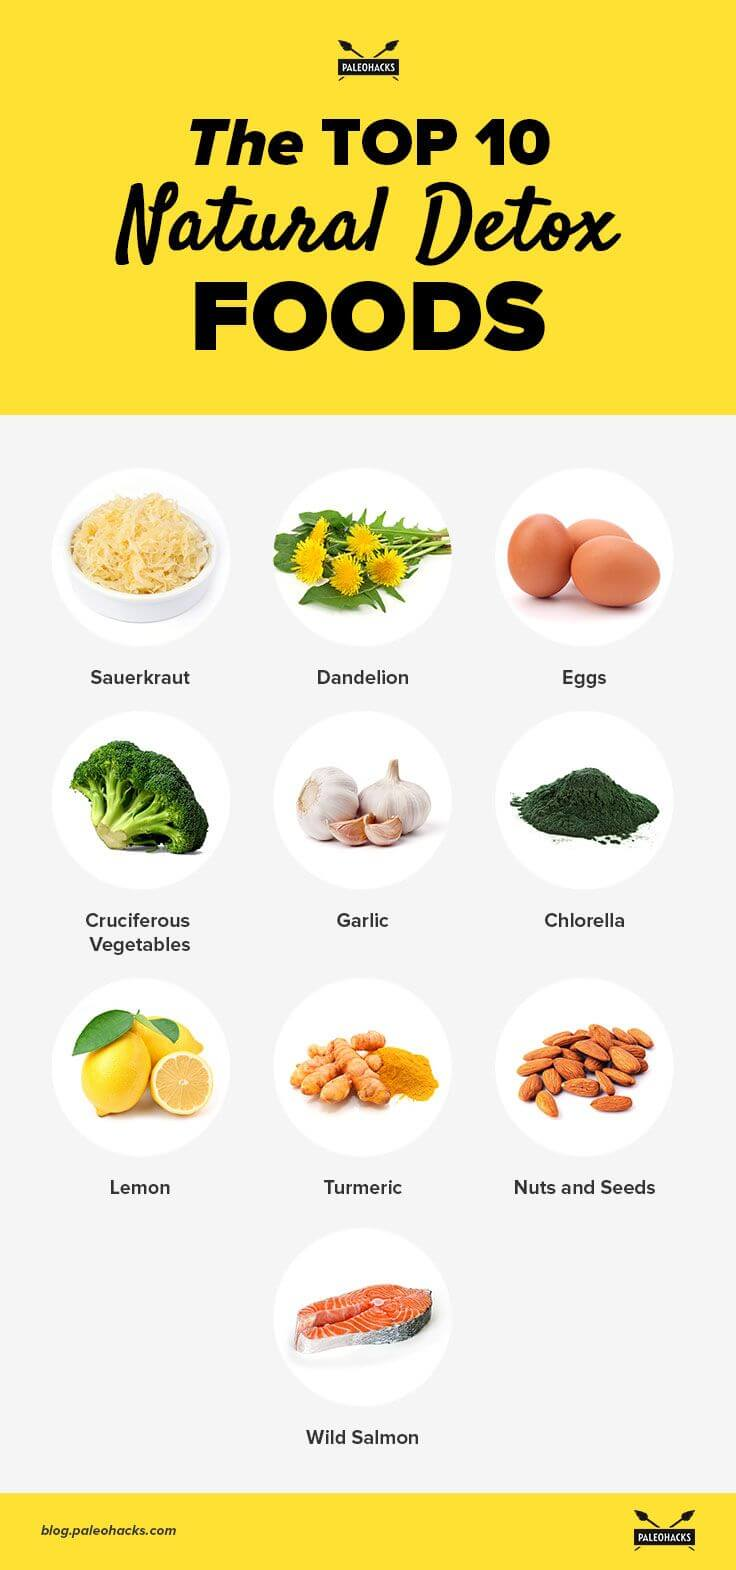 Naturally detoxifying foods